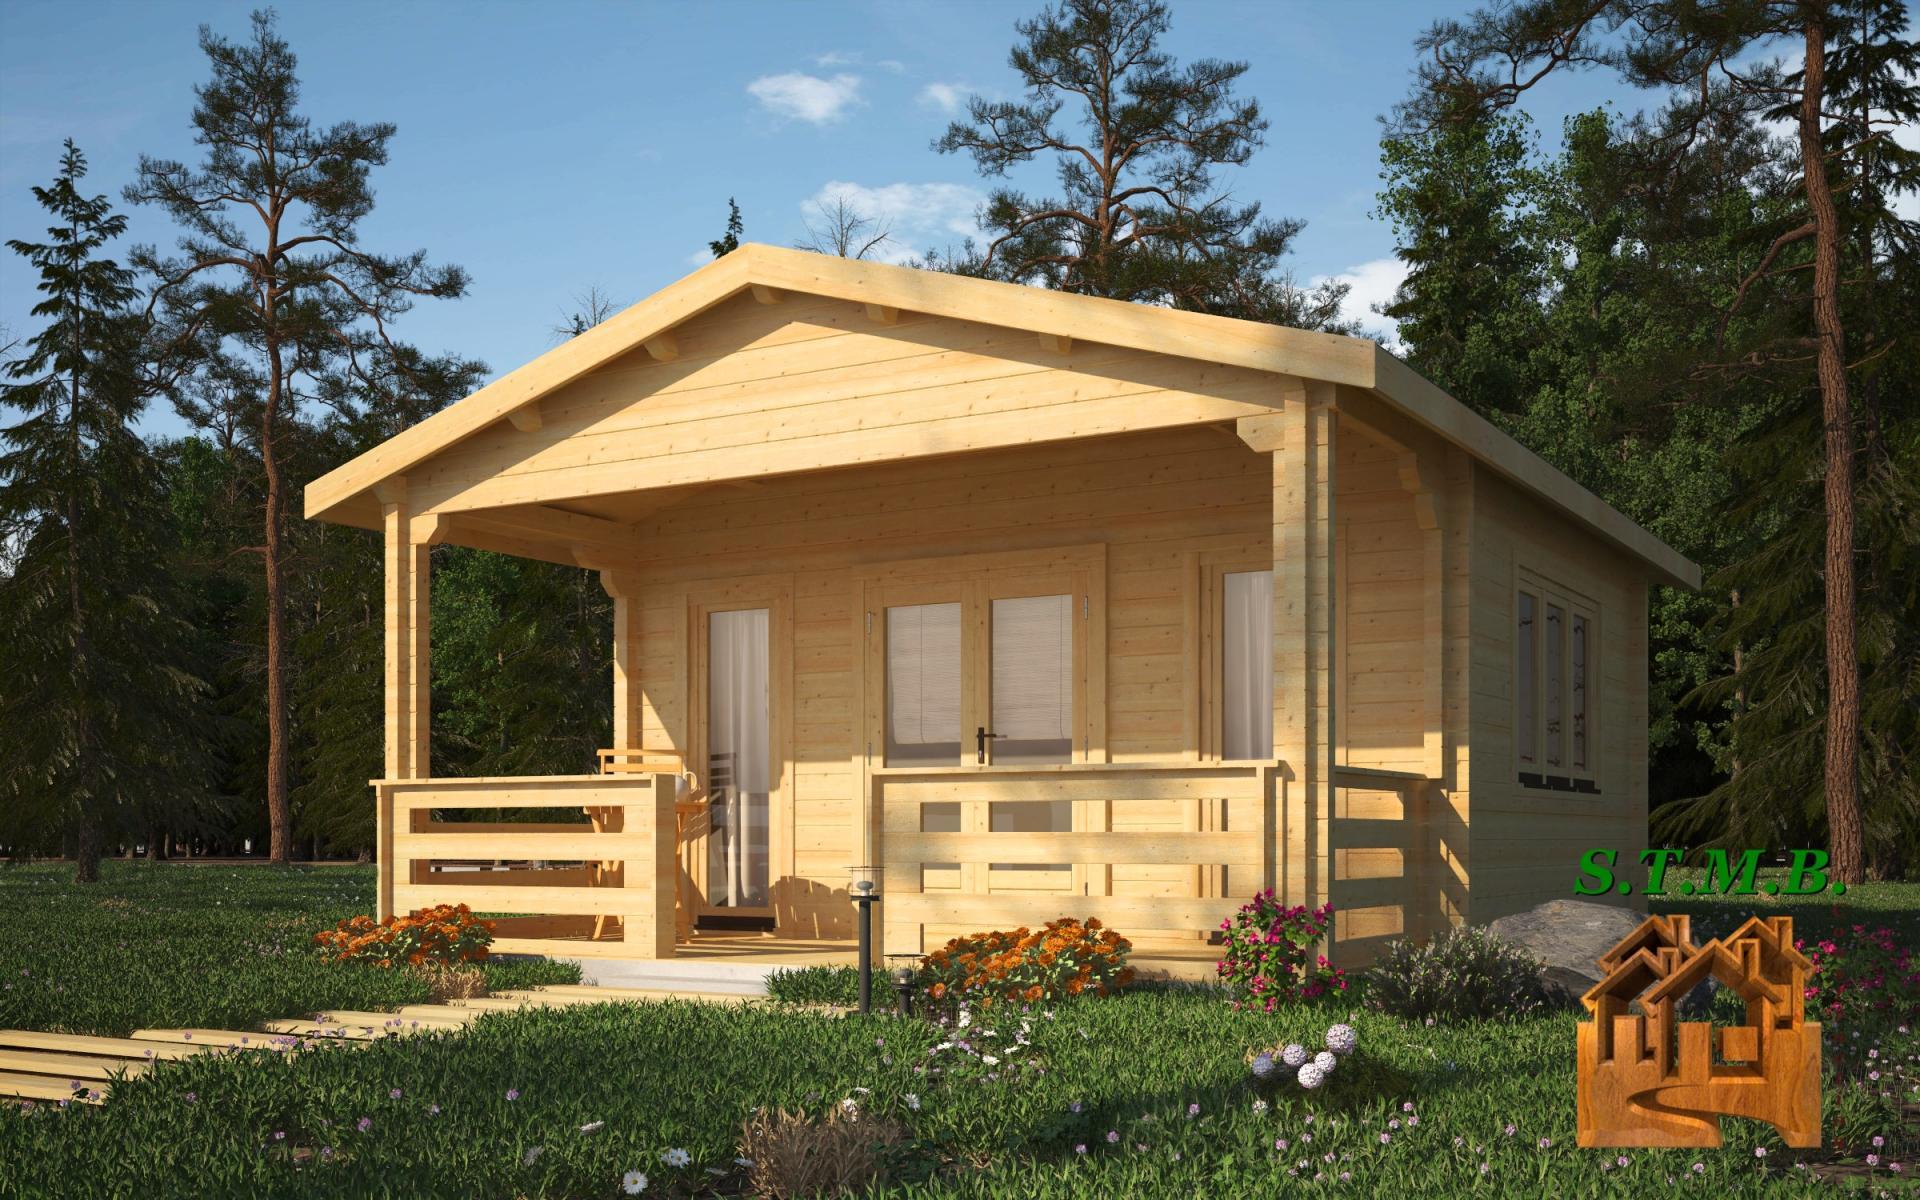 Vivre dans un chalet en bois stmb construction for Construction de chalet en bois